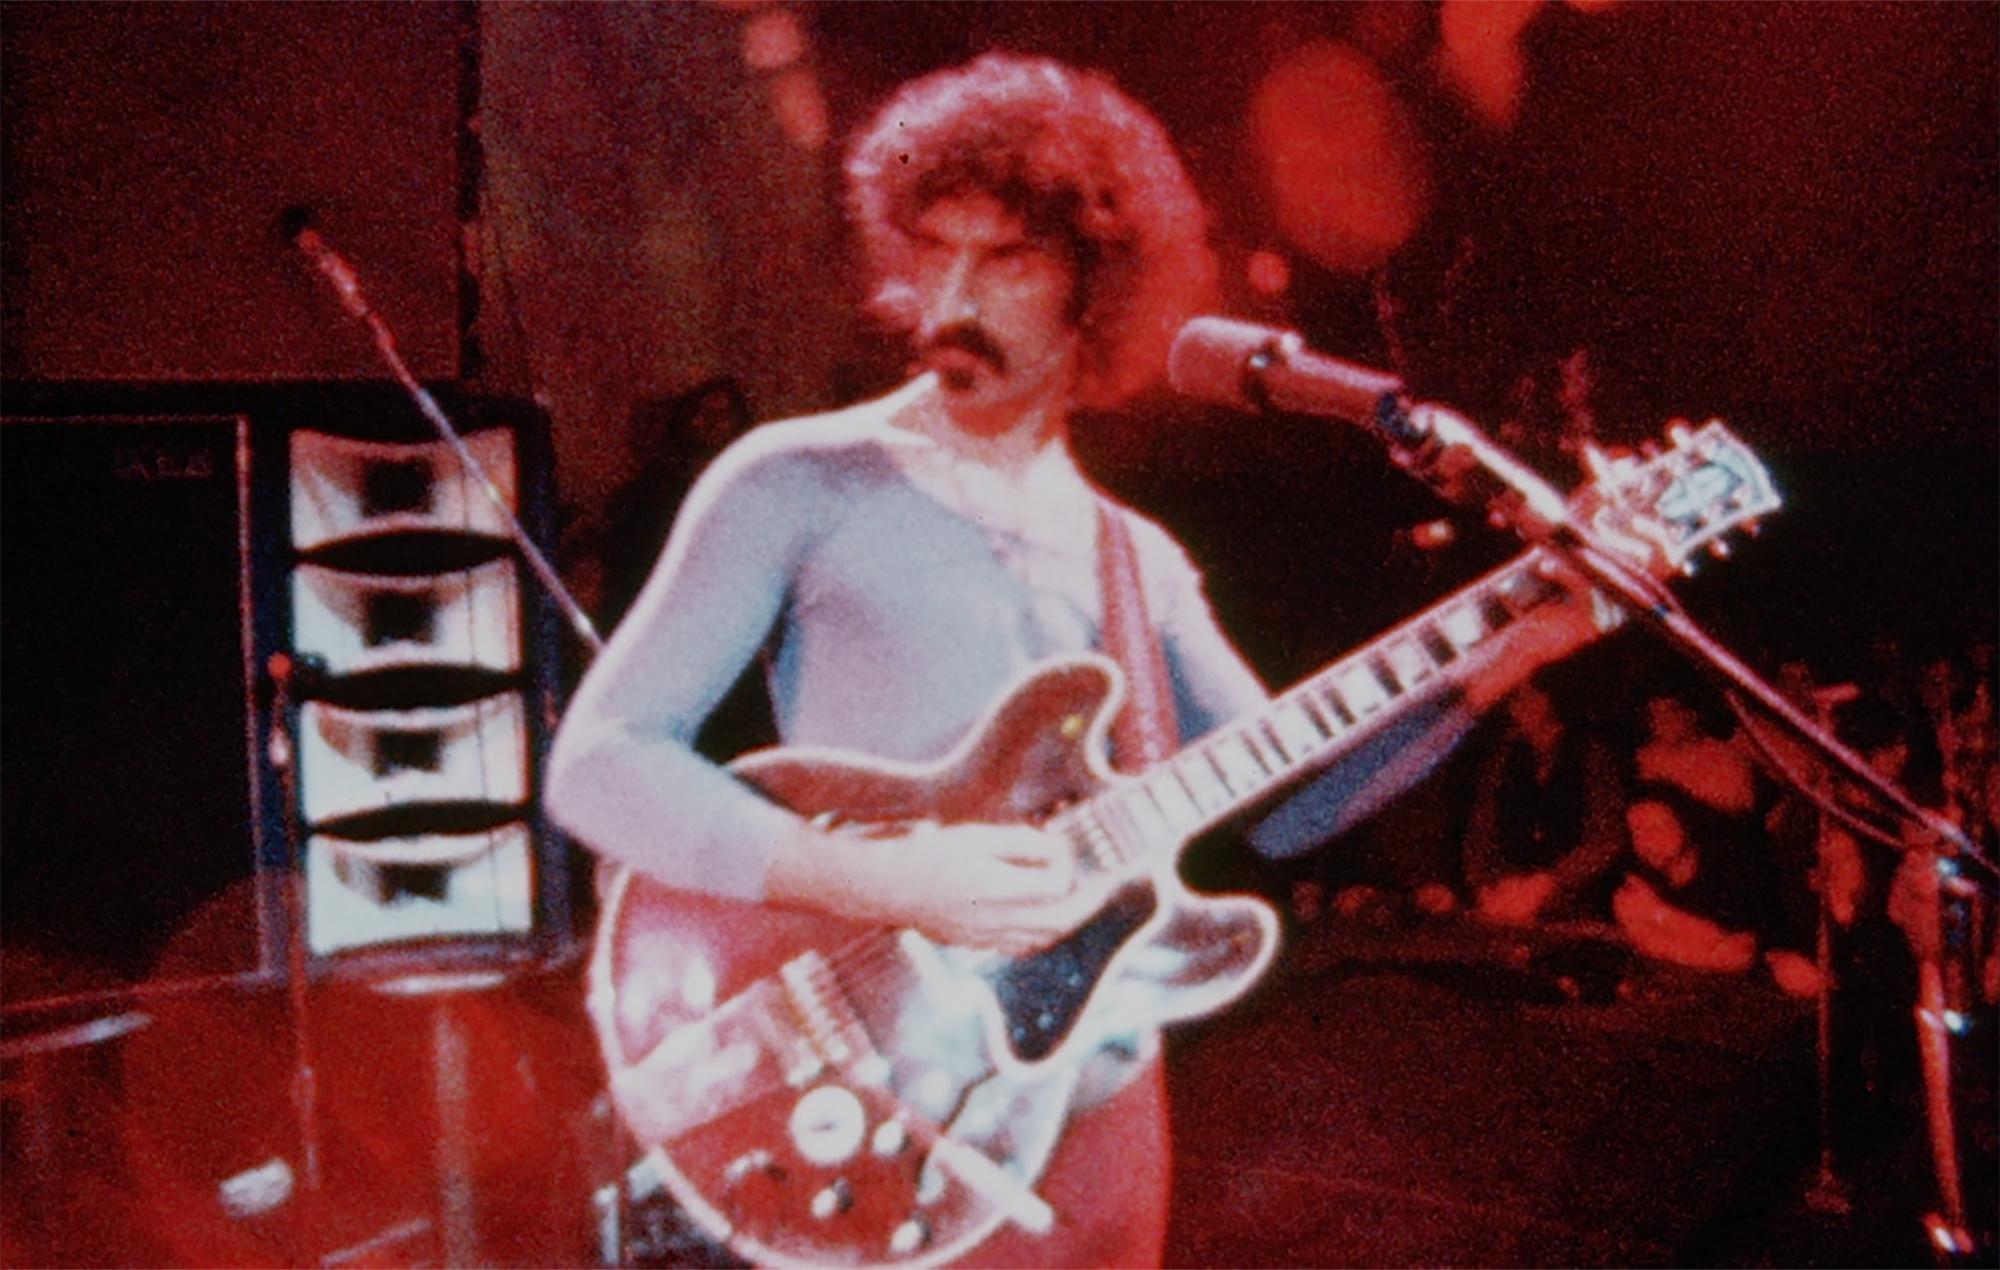 Zappa